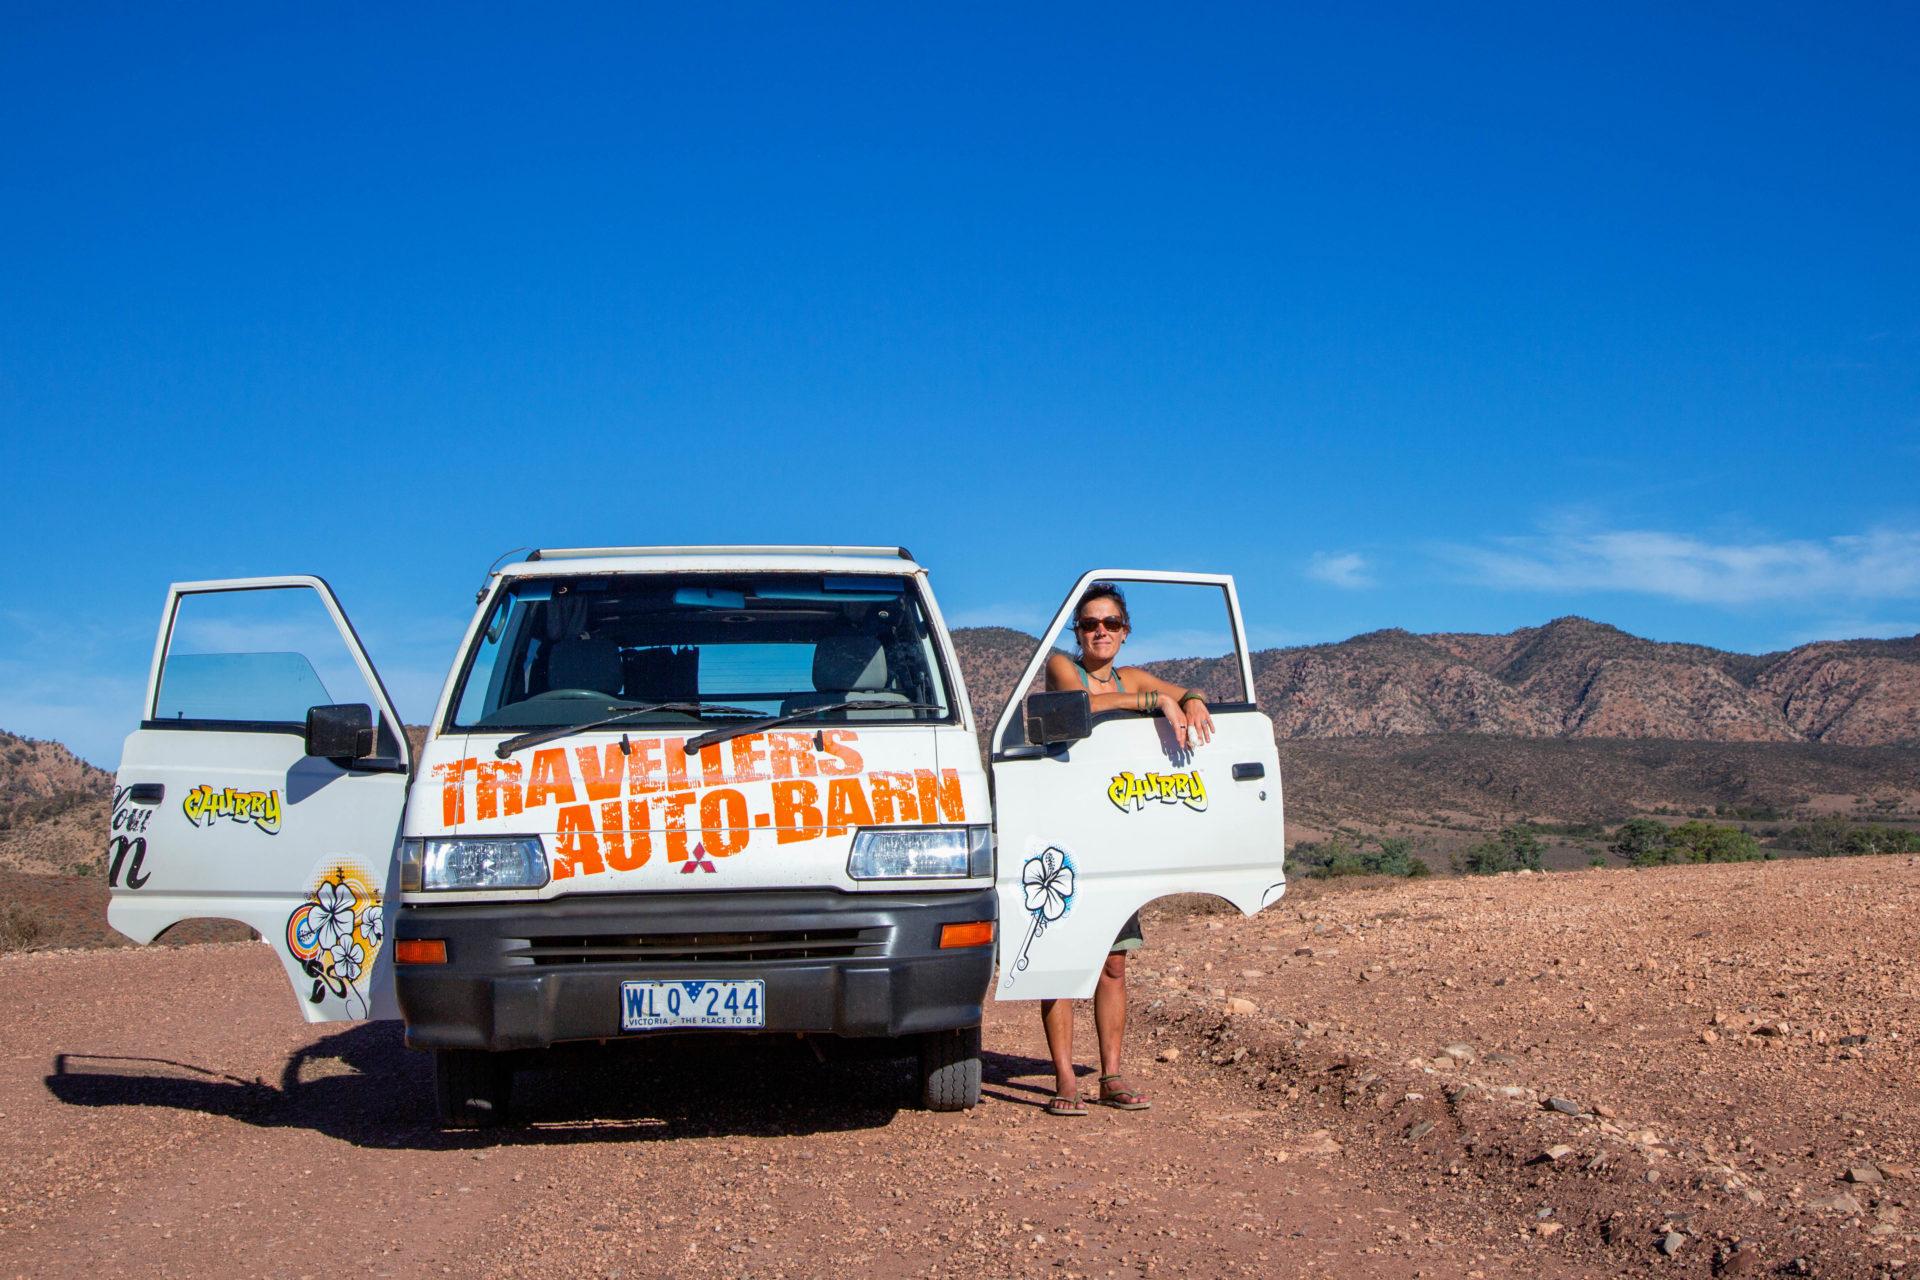 Günstig mit dem Camper durch Australien reisen? – So geht´s!